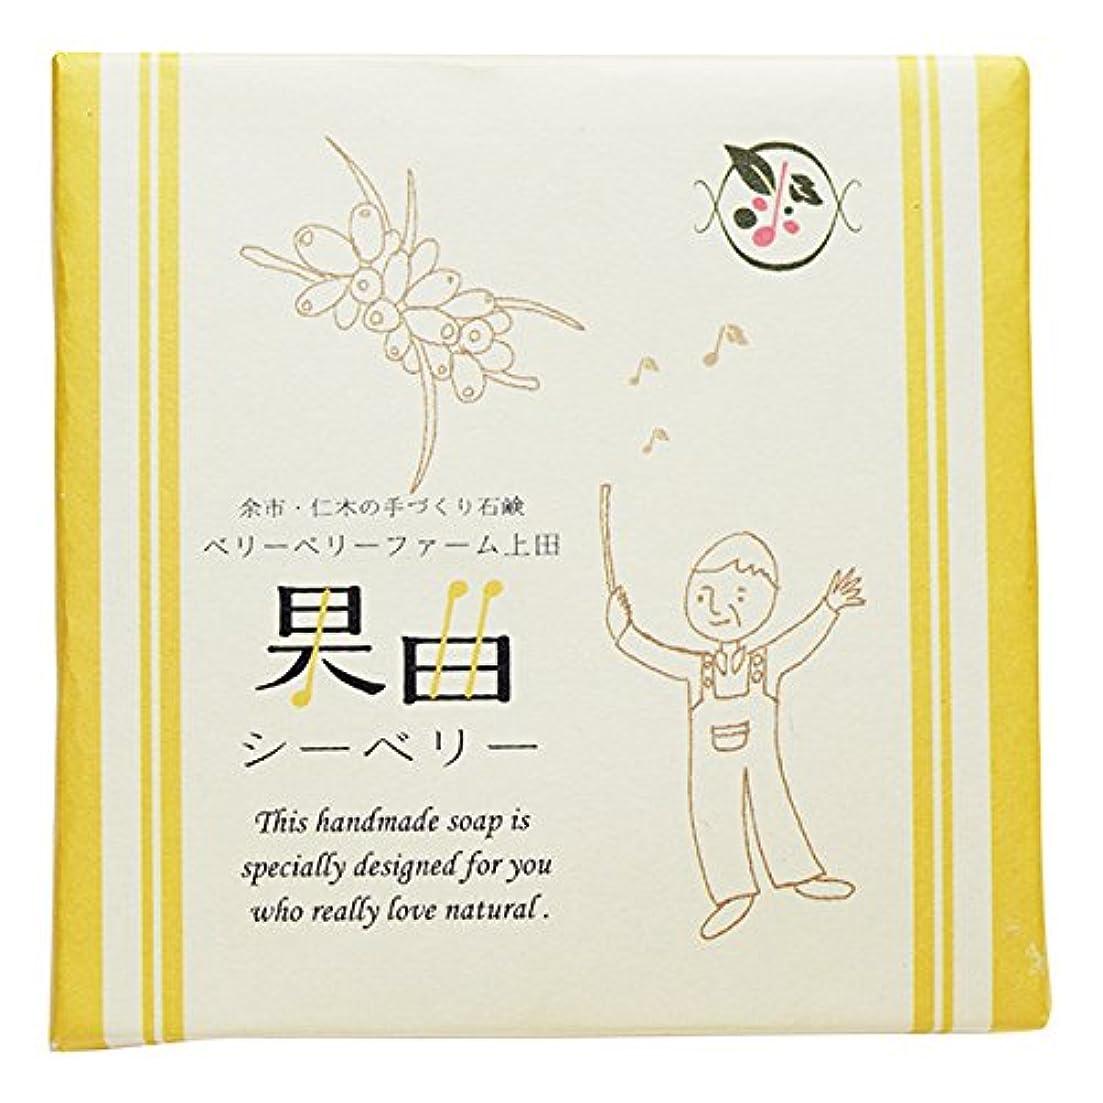 コントロールつまらない配当余市町仁木のベリーベリーファーム上田との共同開発 果曲(シーベリー)純練り石鹸